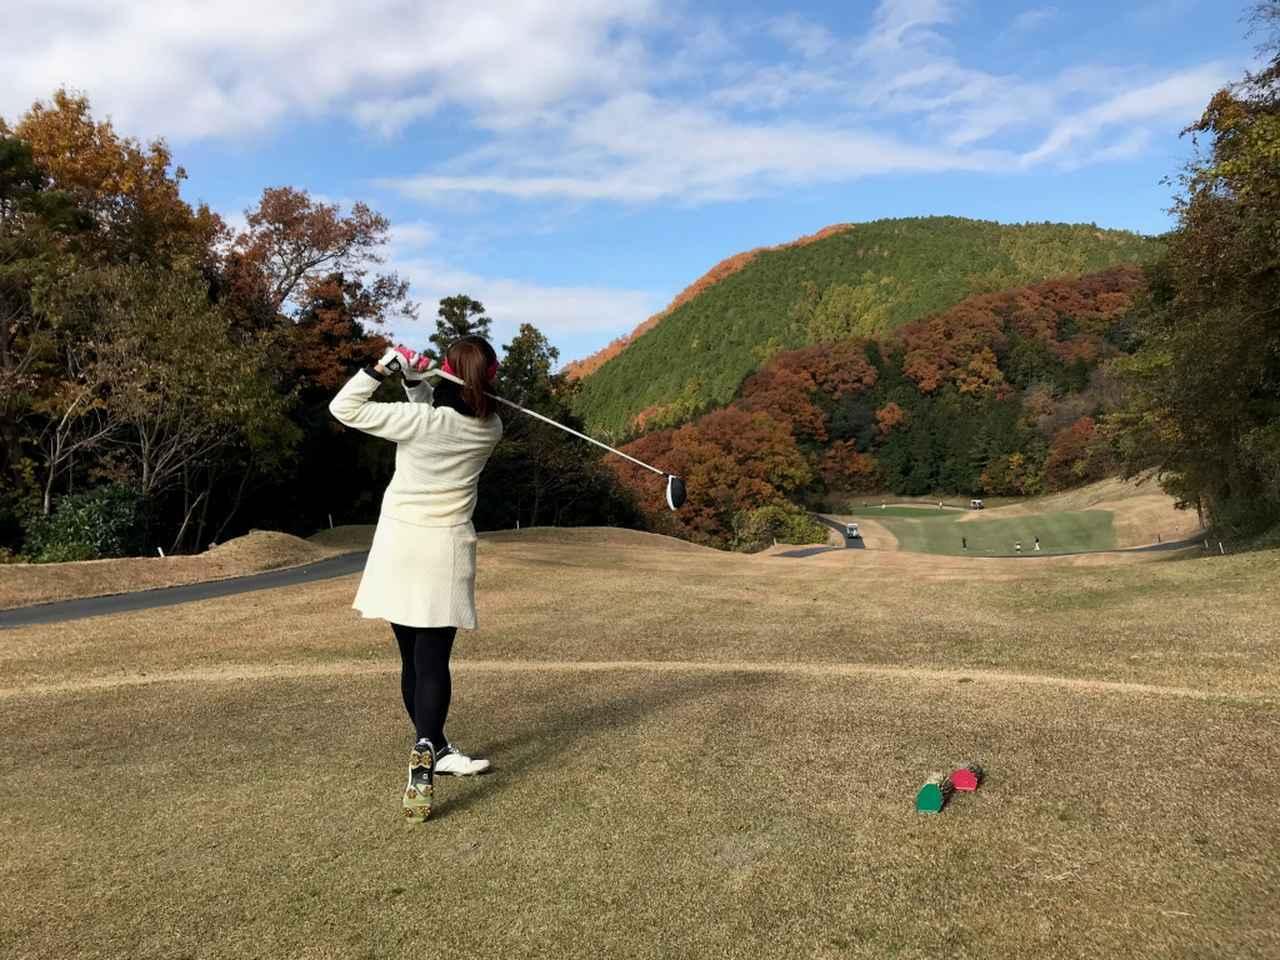 ゴルフ 一人 で 一人deゴルフ!一人で回れるゴルフ場【一覧で紹介】